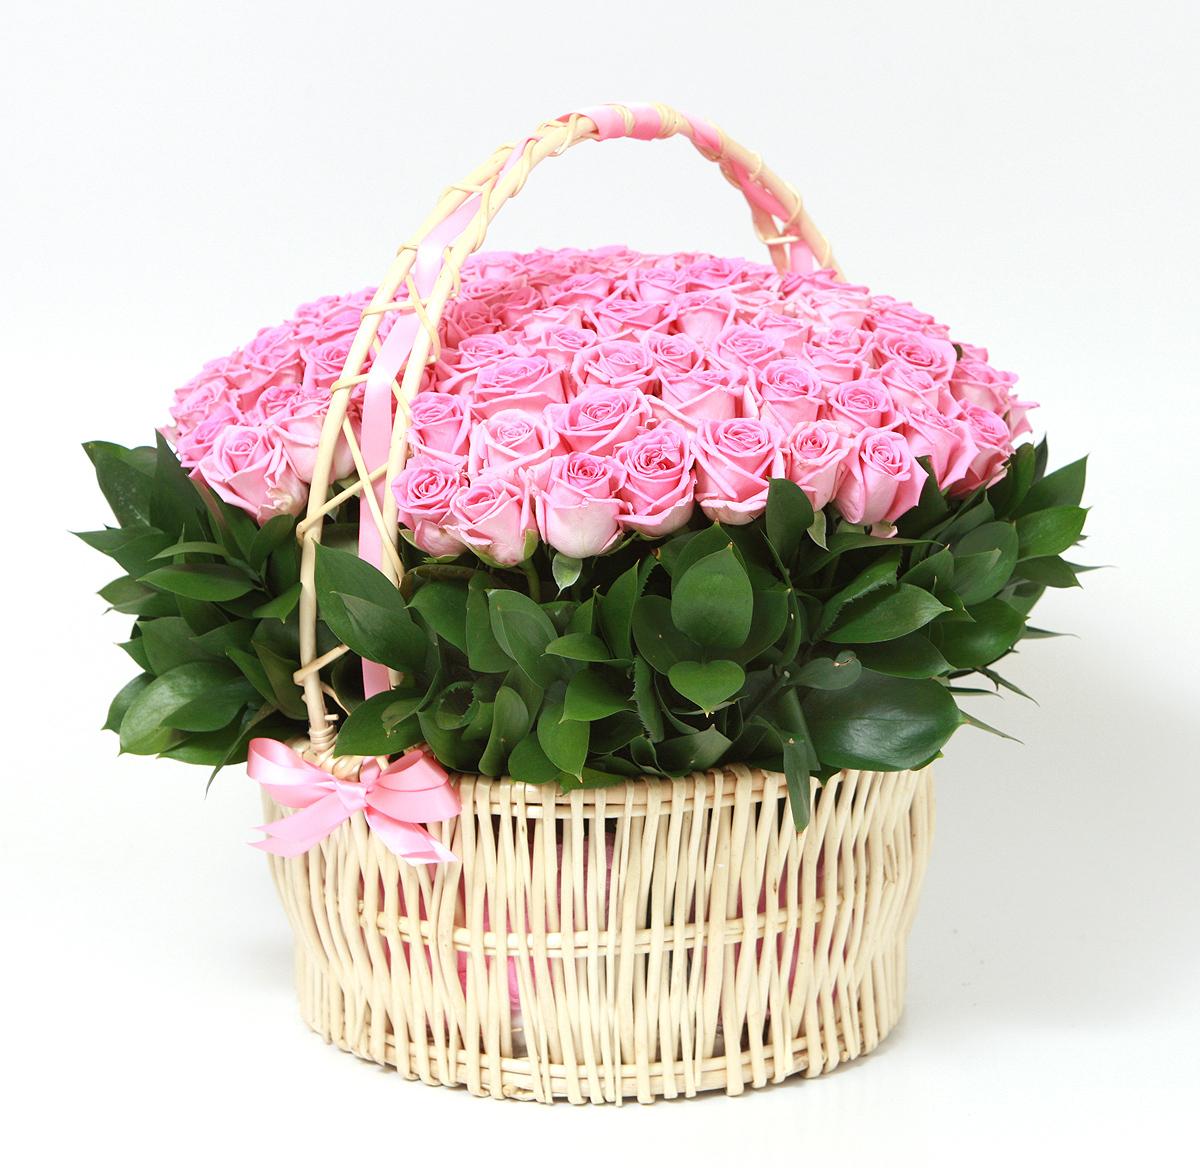 Открытка с букетом цветов в корзине фото